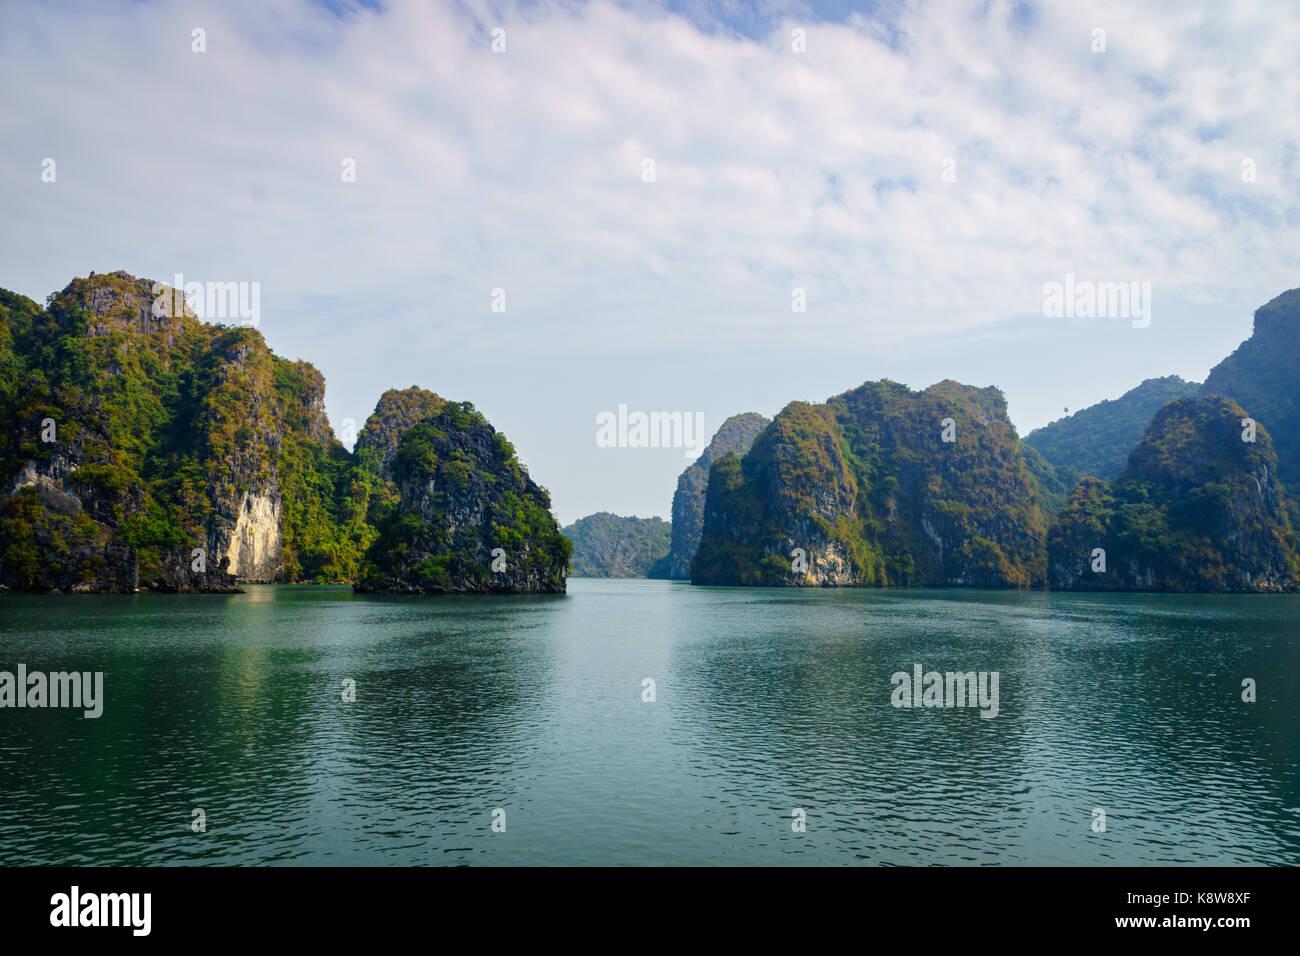 Halong Bucht dramatische Landschaft mit Karstinseln. Ha Long Bay ist UNESCO-Weltkulturerbe und beliebtes Touristenziel Stockfoto